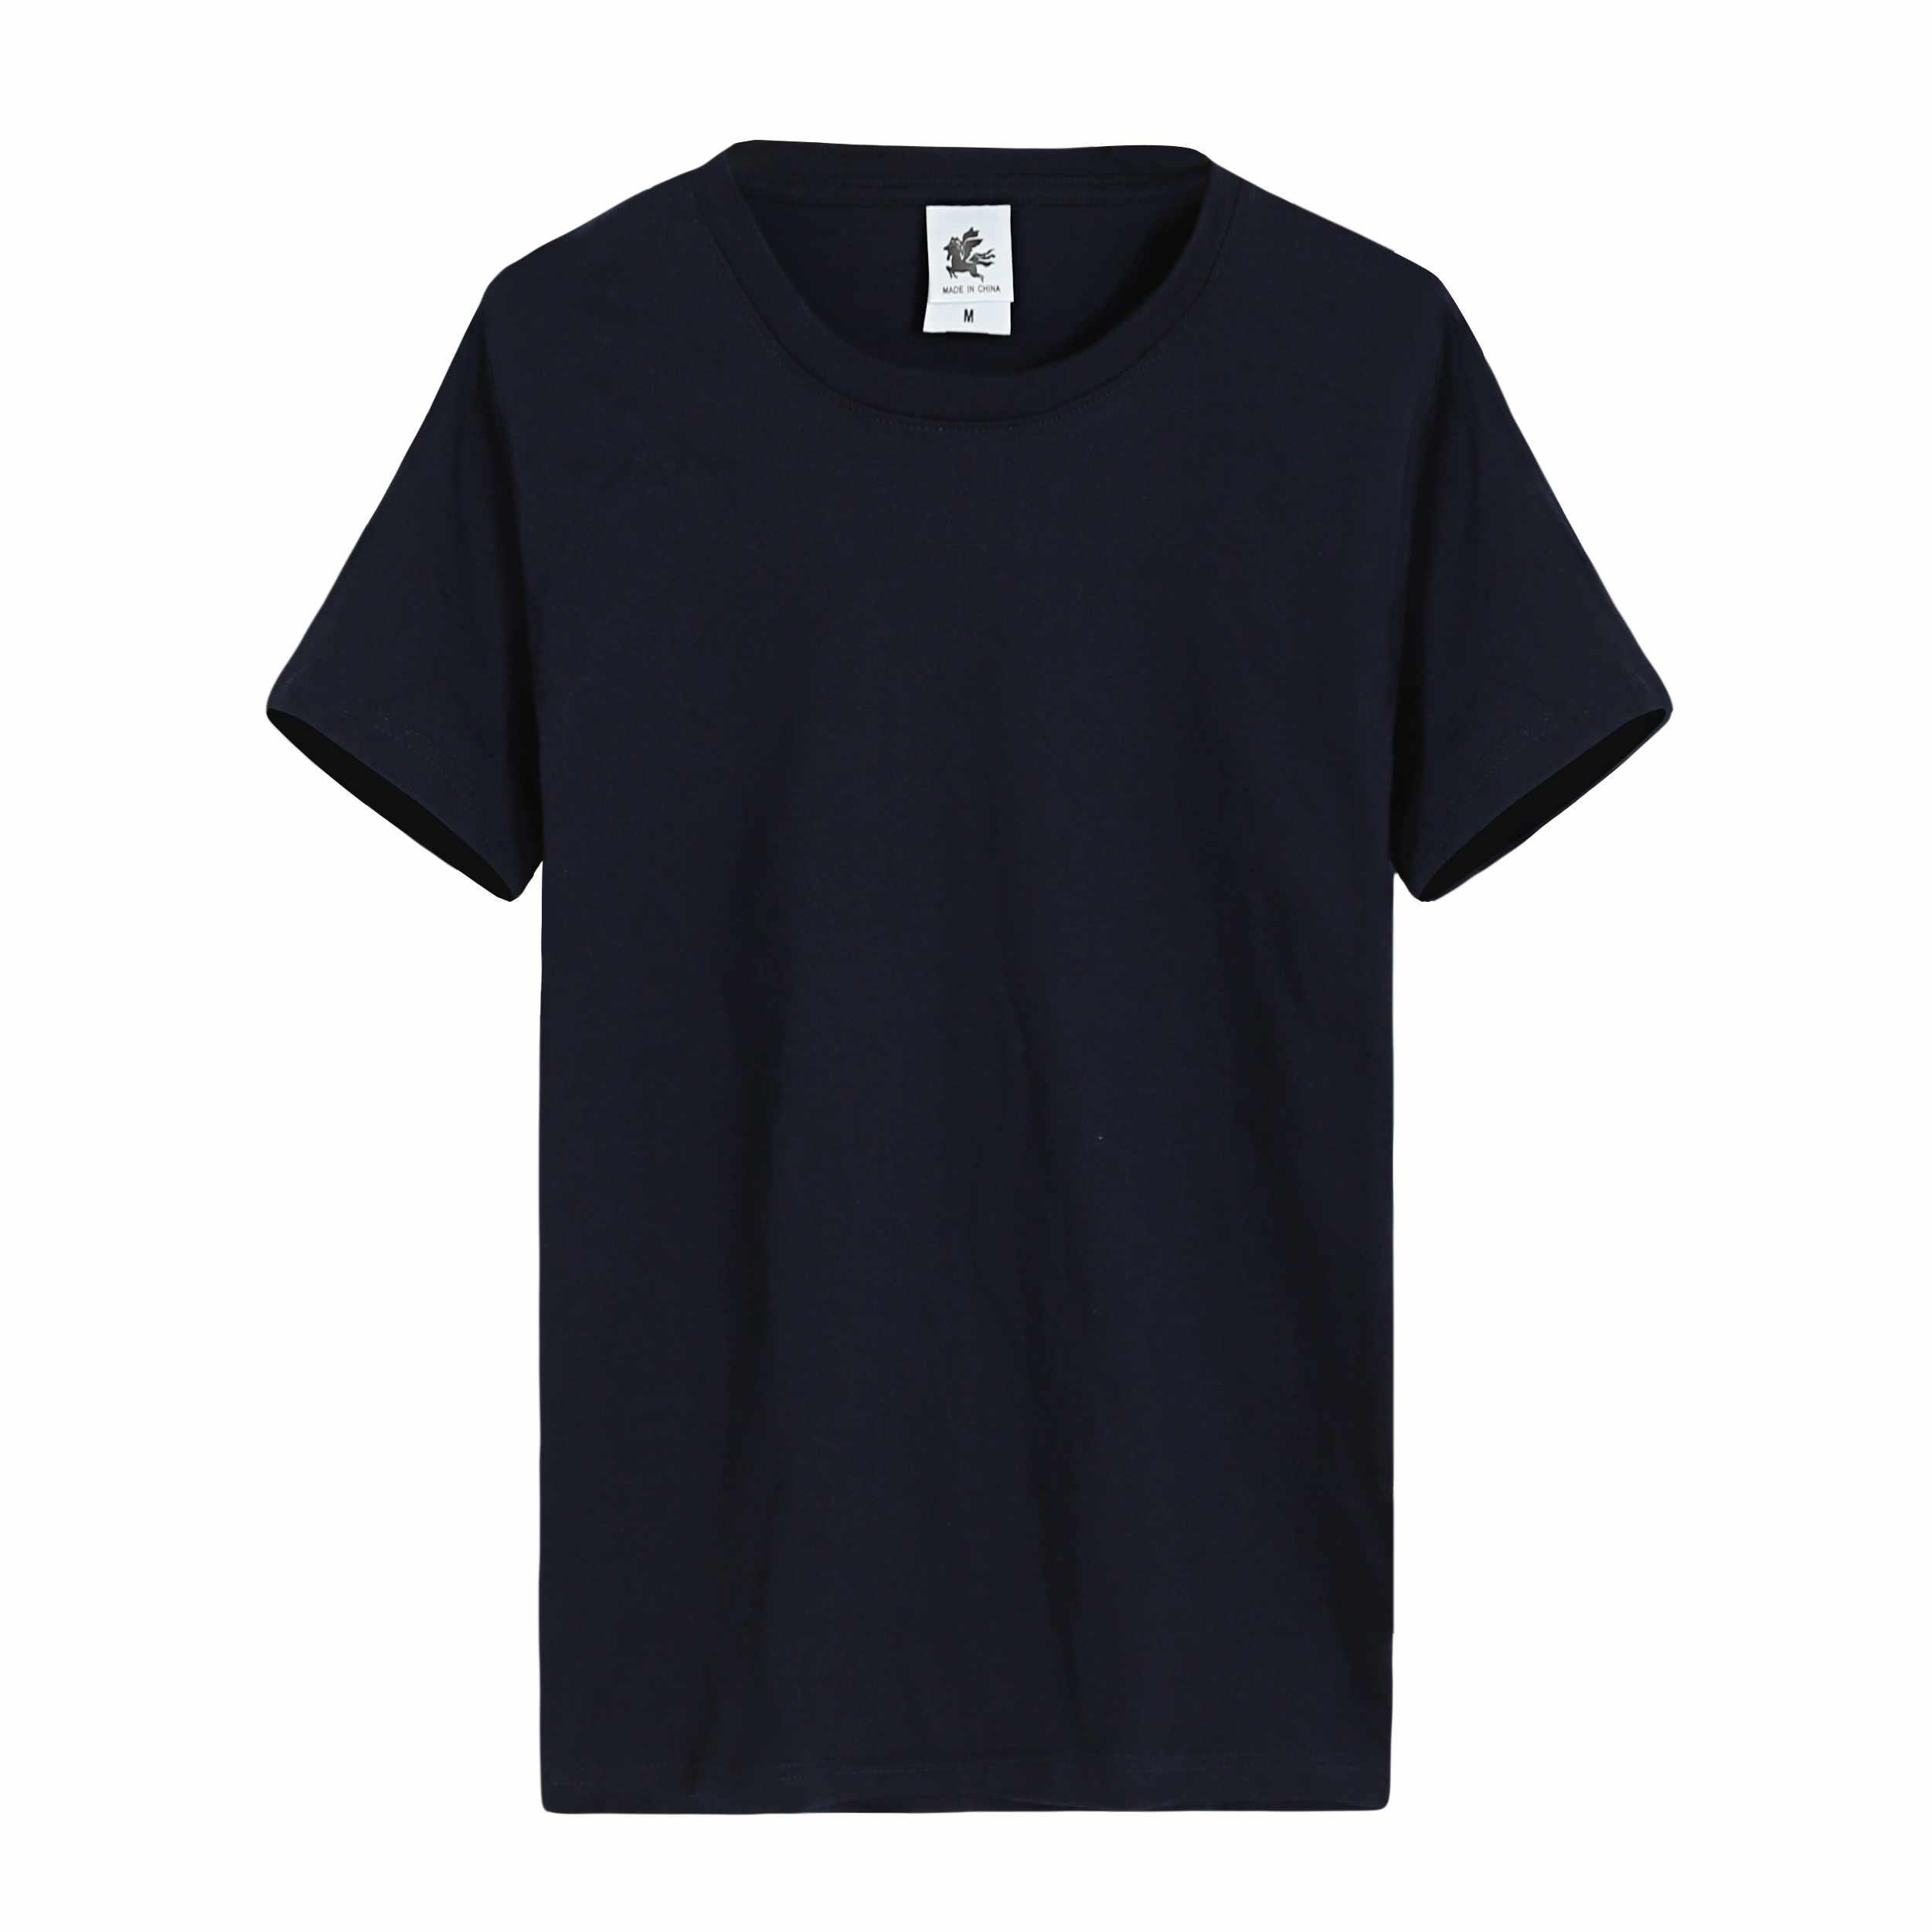 年会活动圆领高档长袖套头T恤定制同学聚会工作服定做T-19# 黑色男款